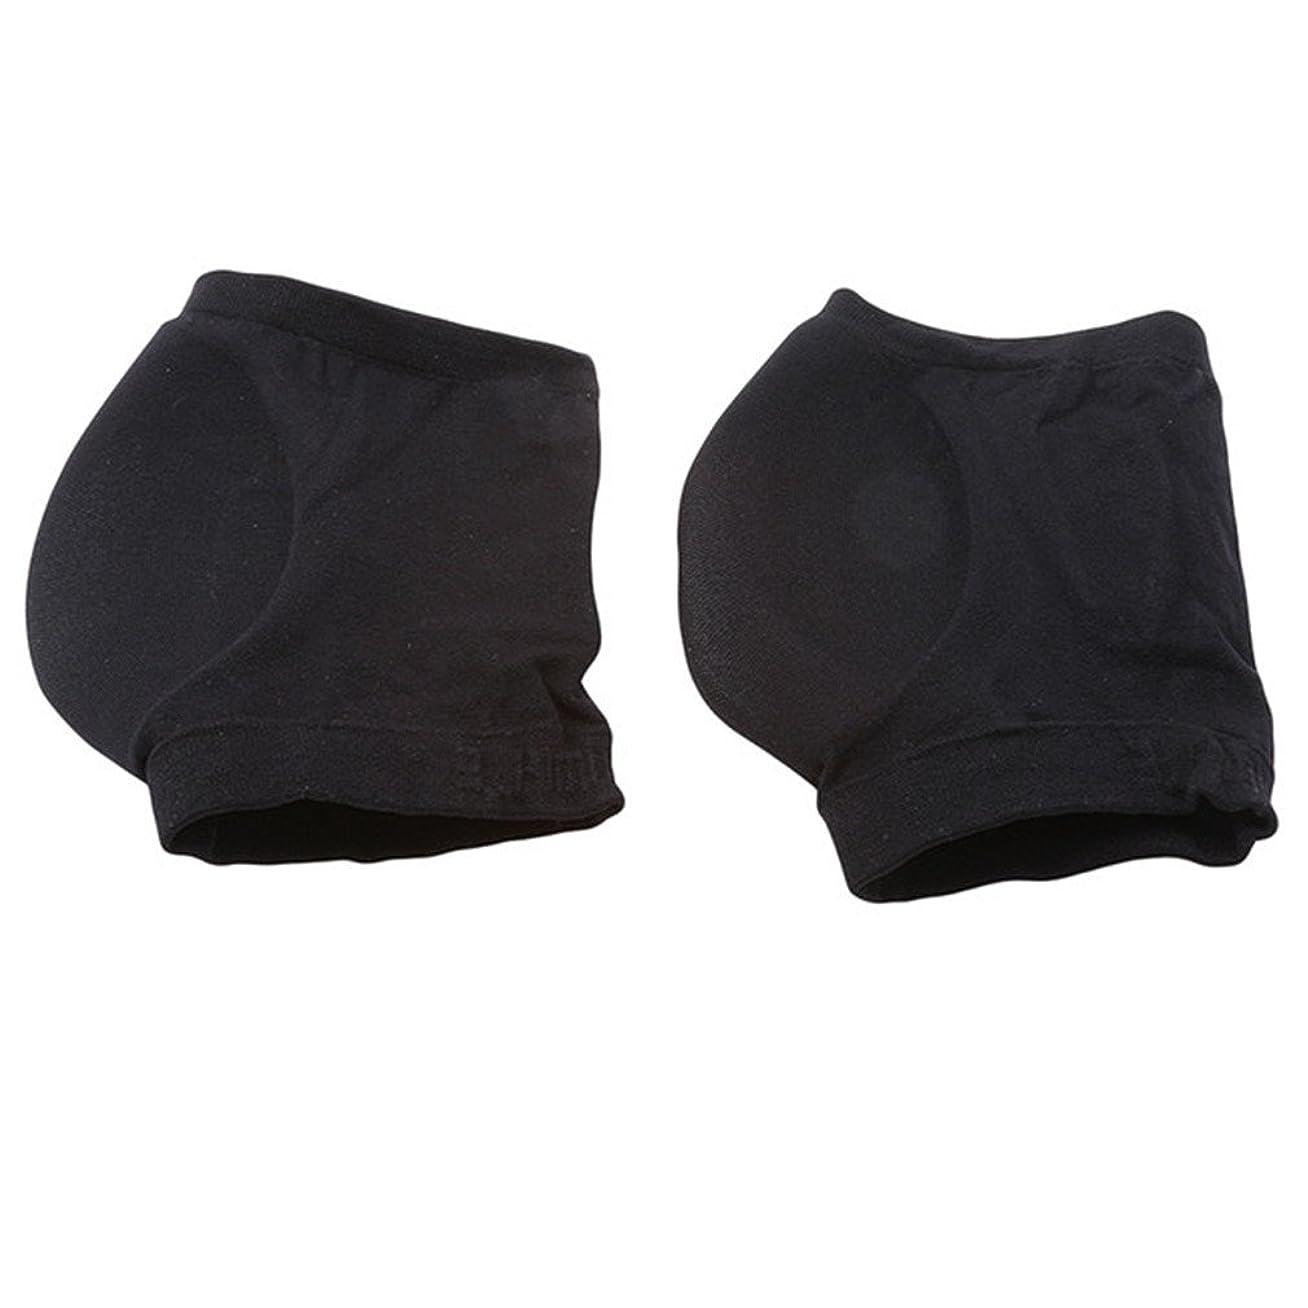 陰気神秘的な縮れたHKUN 靴下 ソックス かかとケア 角質ケア 保湿 角質除去 足首用 洗える メンズ レディース S-L